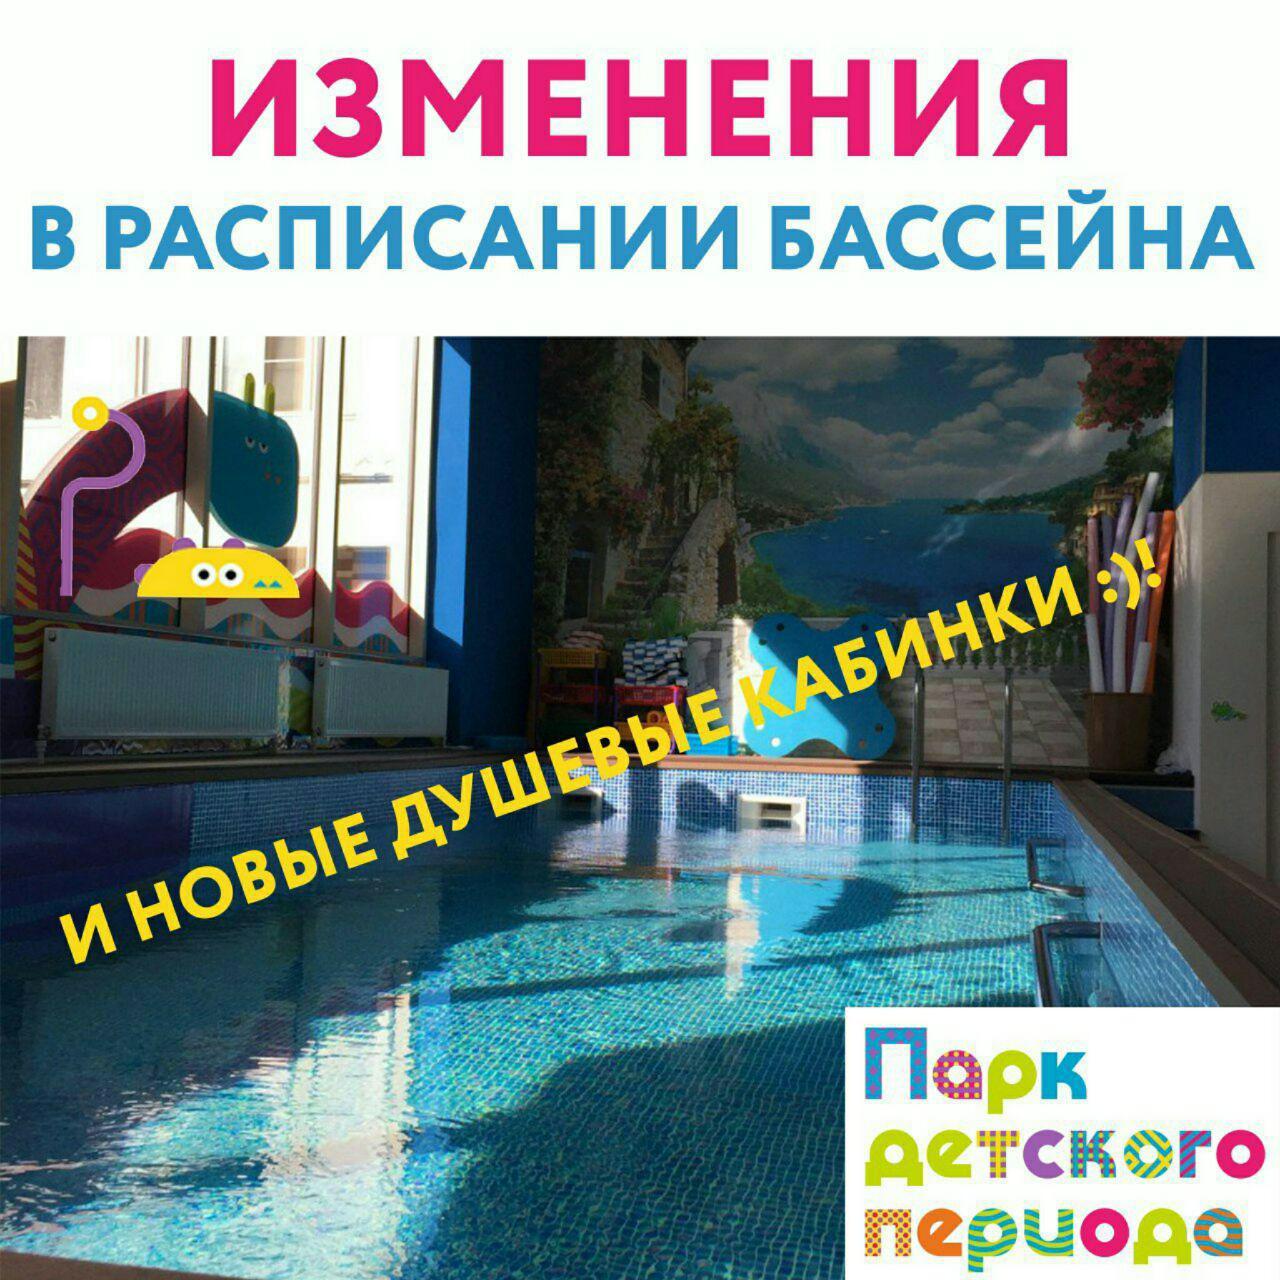 photo_2017-11-13_09-42-10